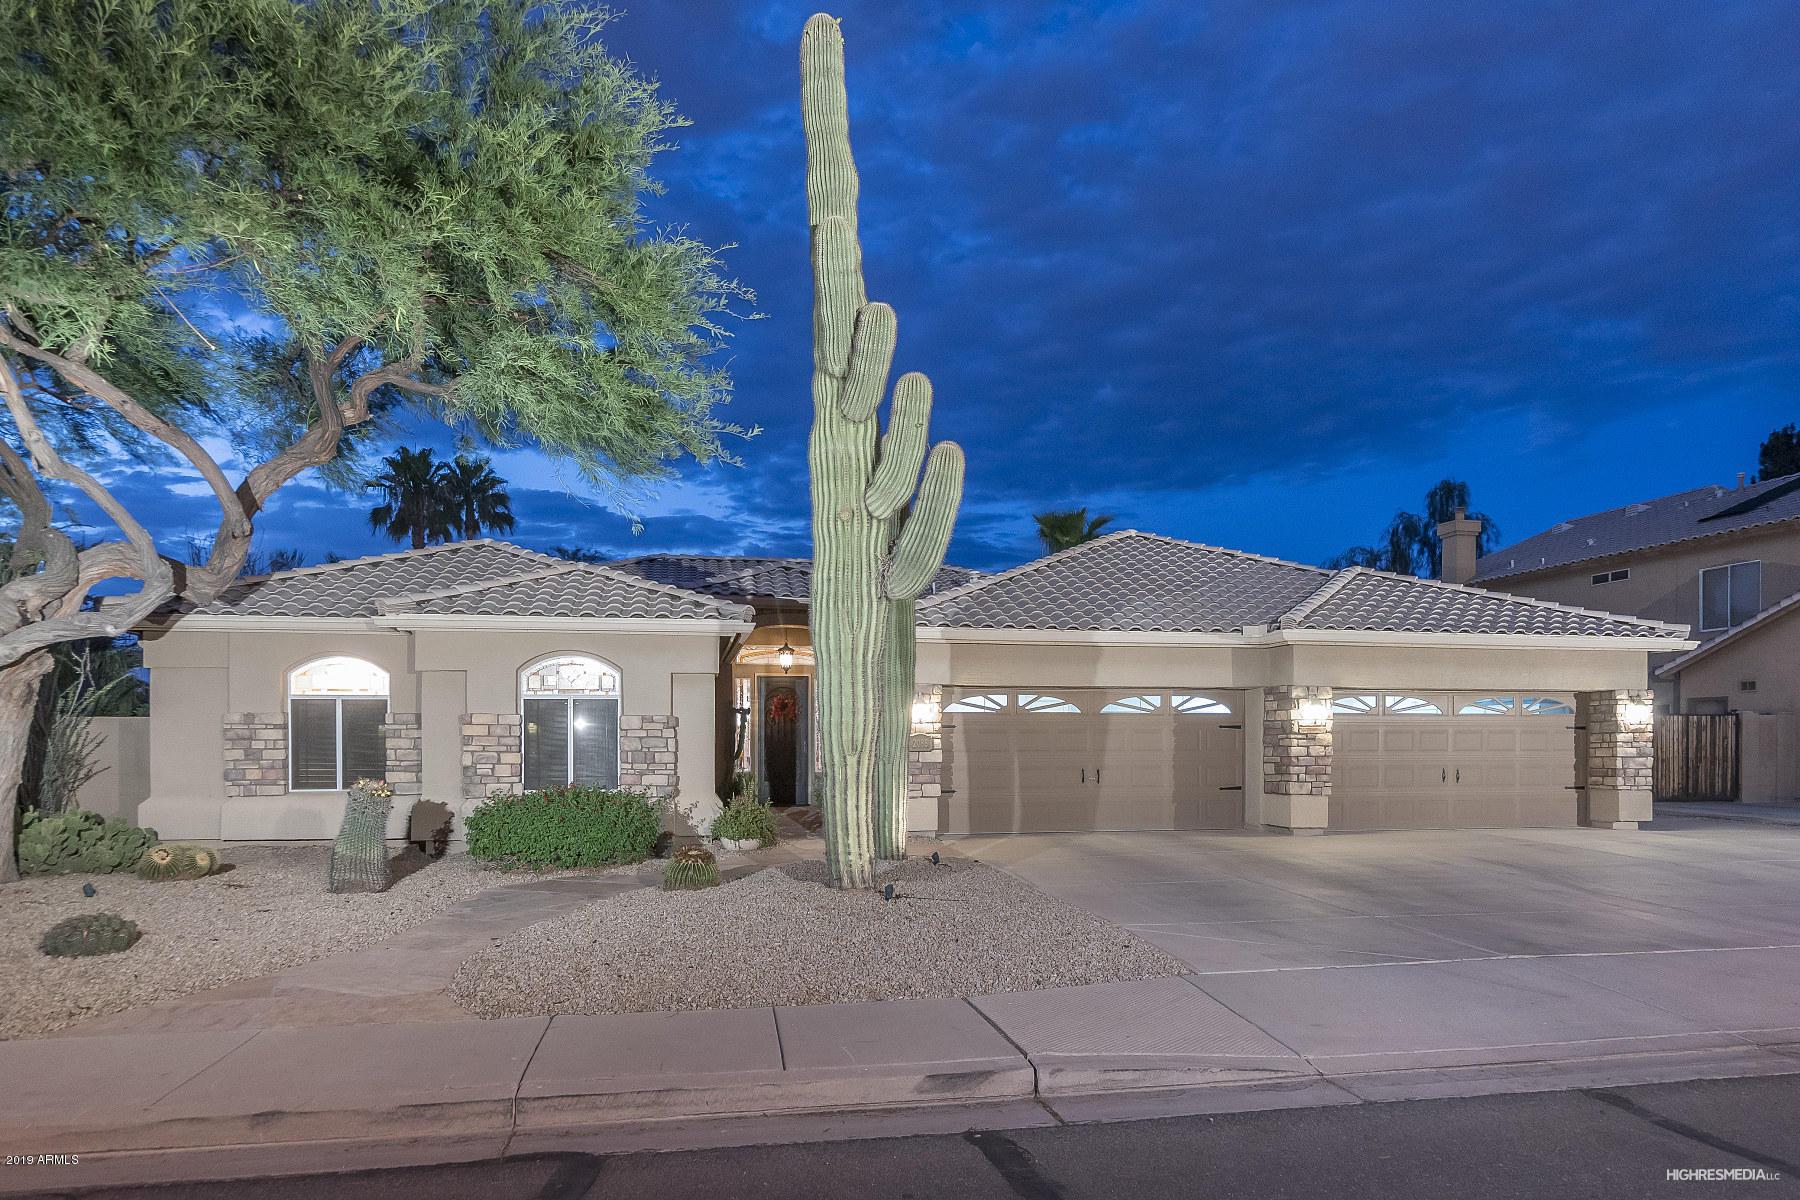 MLS 5953057 2088 E SIERRA MADRE Avenue, Gilbert, AZ 85296 Gilbert AZ Finley Farms